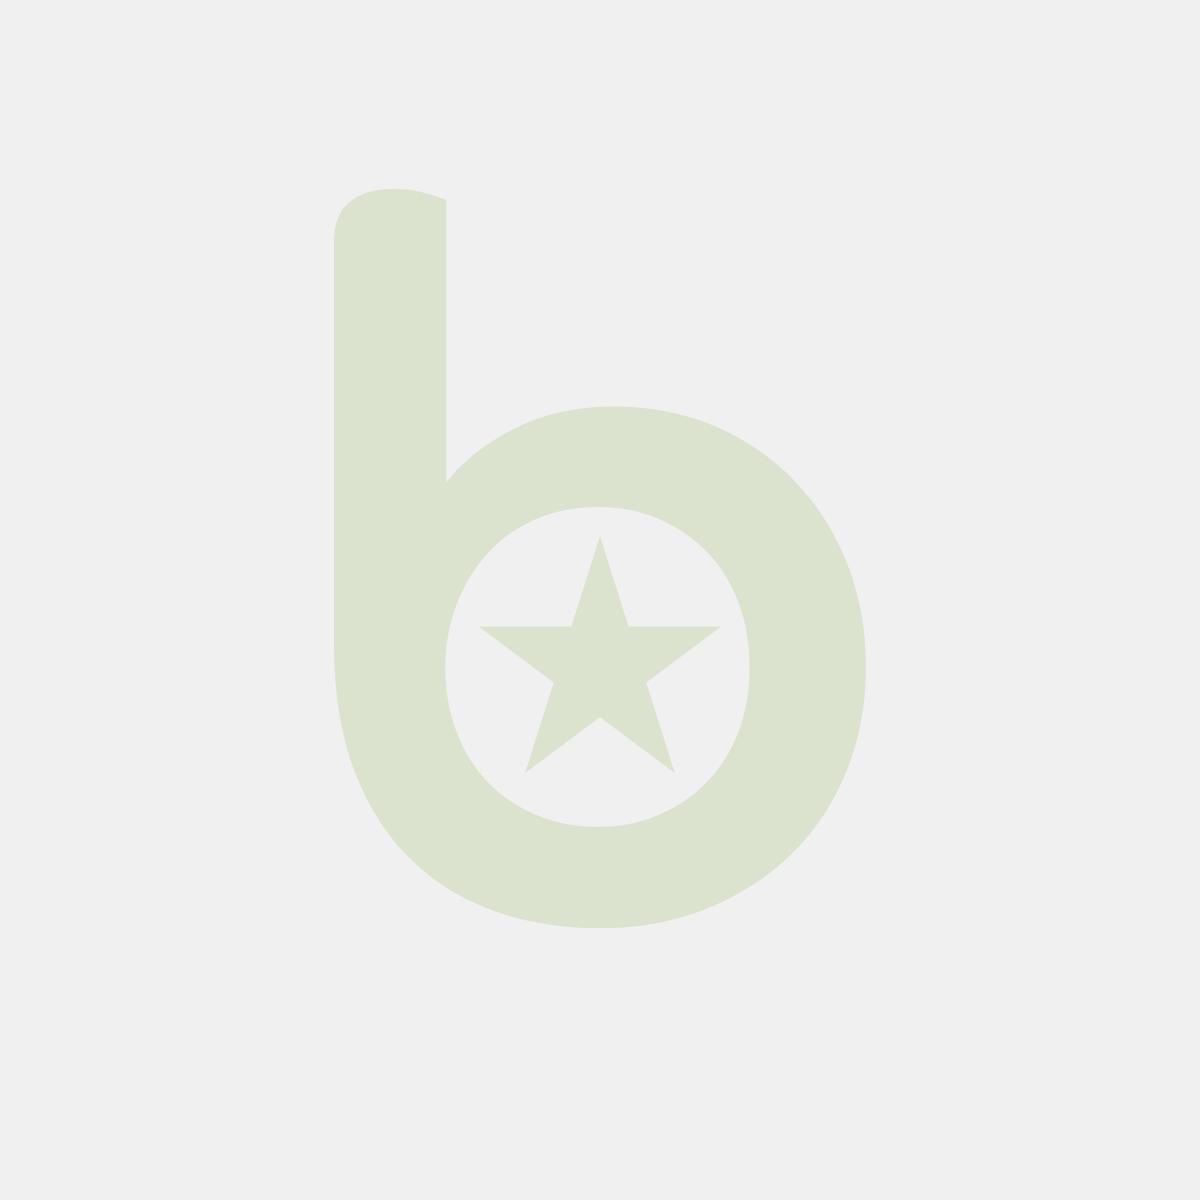 FINGERFOOD - łyżka azjatycka perłowa 15,3x4,7xh5cm melamina